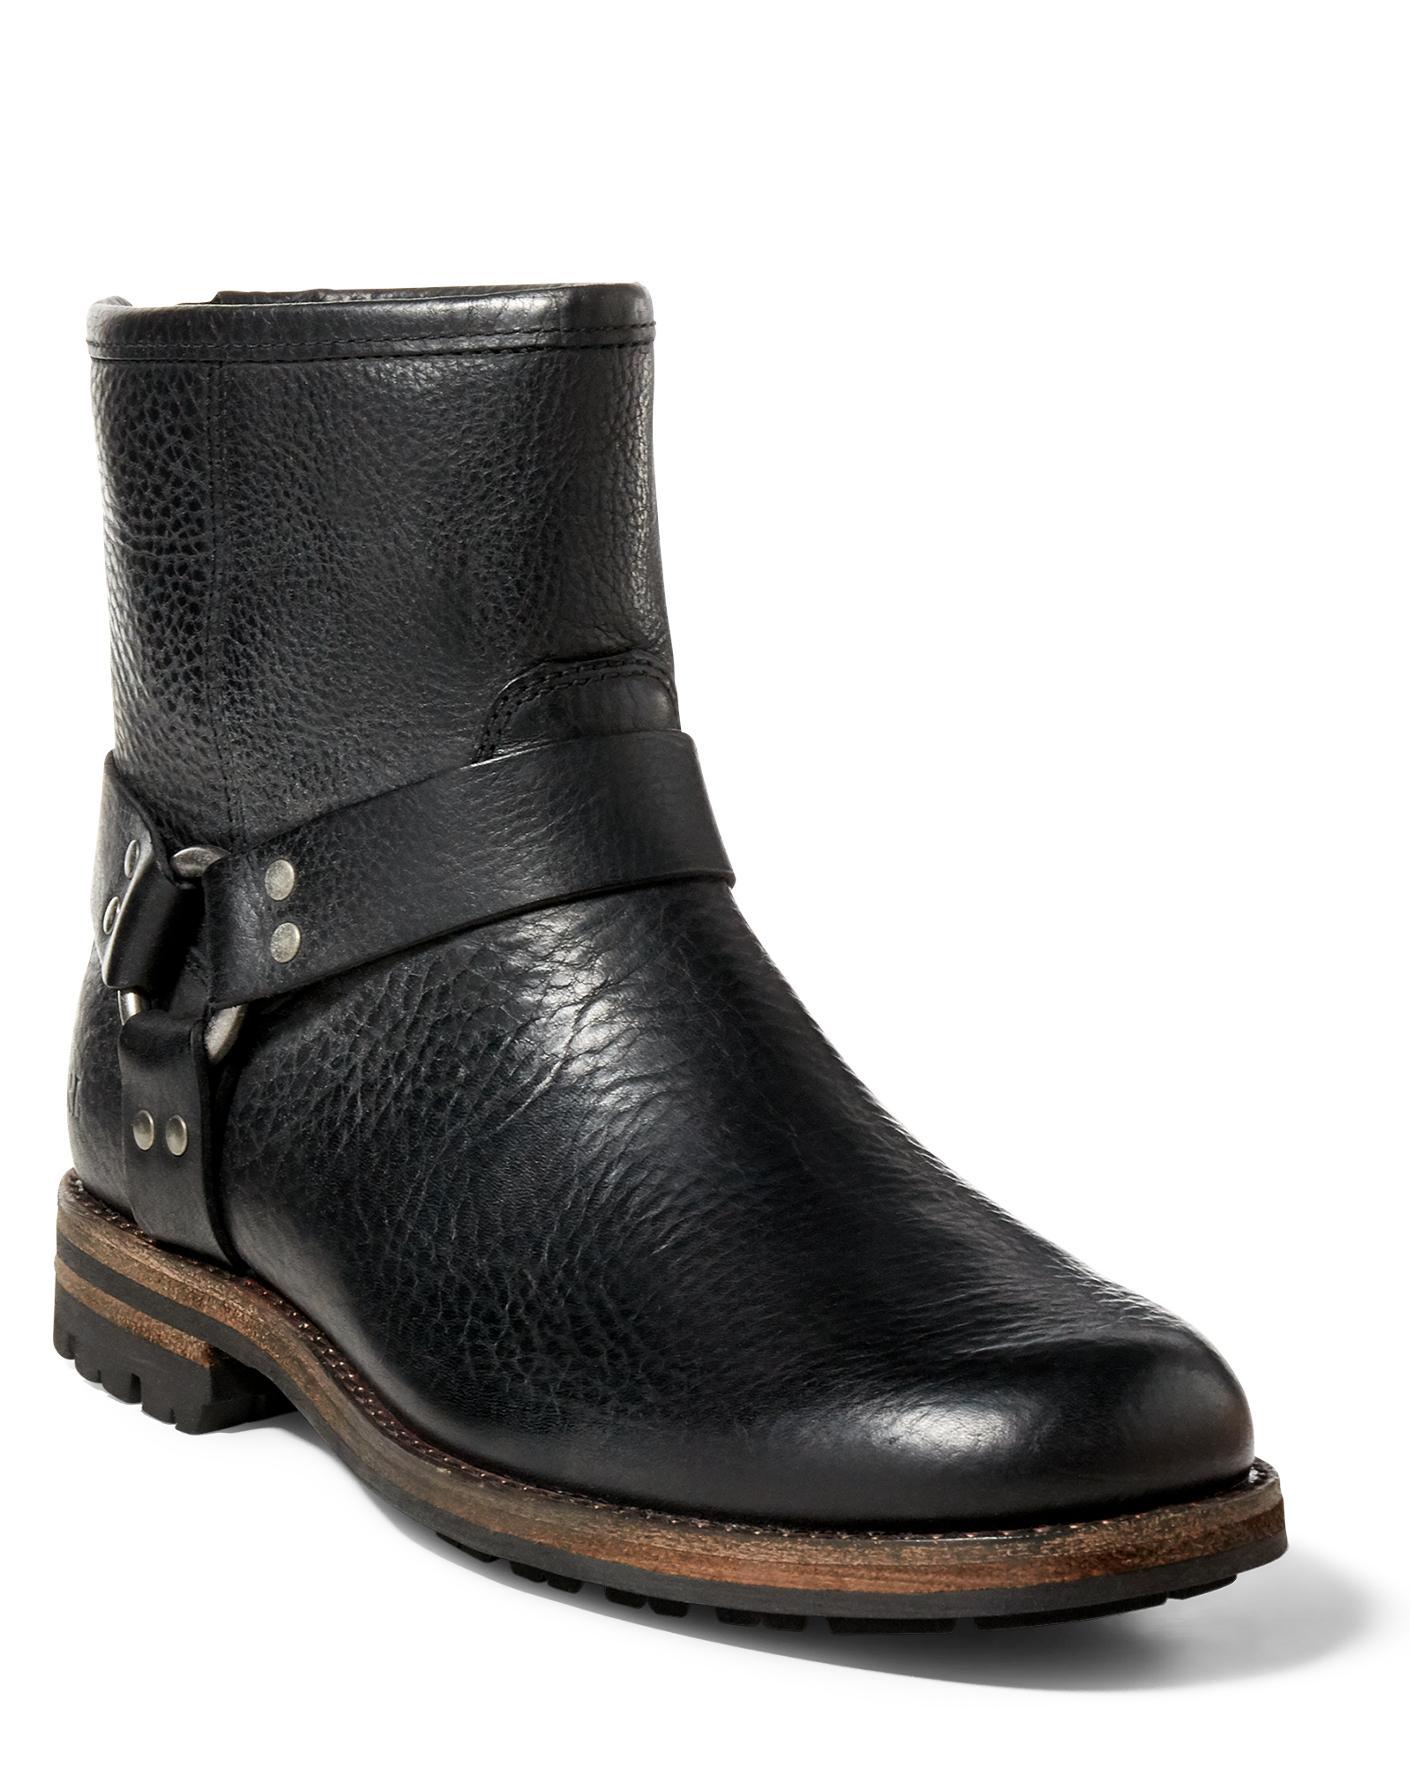 Men\'s Polo Boots - Chukka, Wingtip, & More | Polo Ralph Lauren